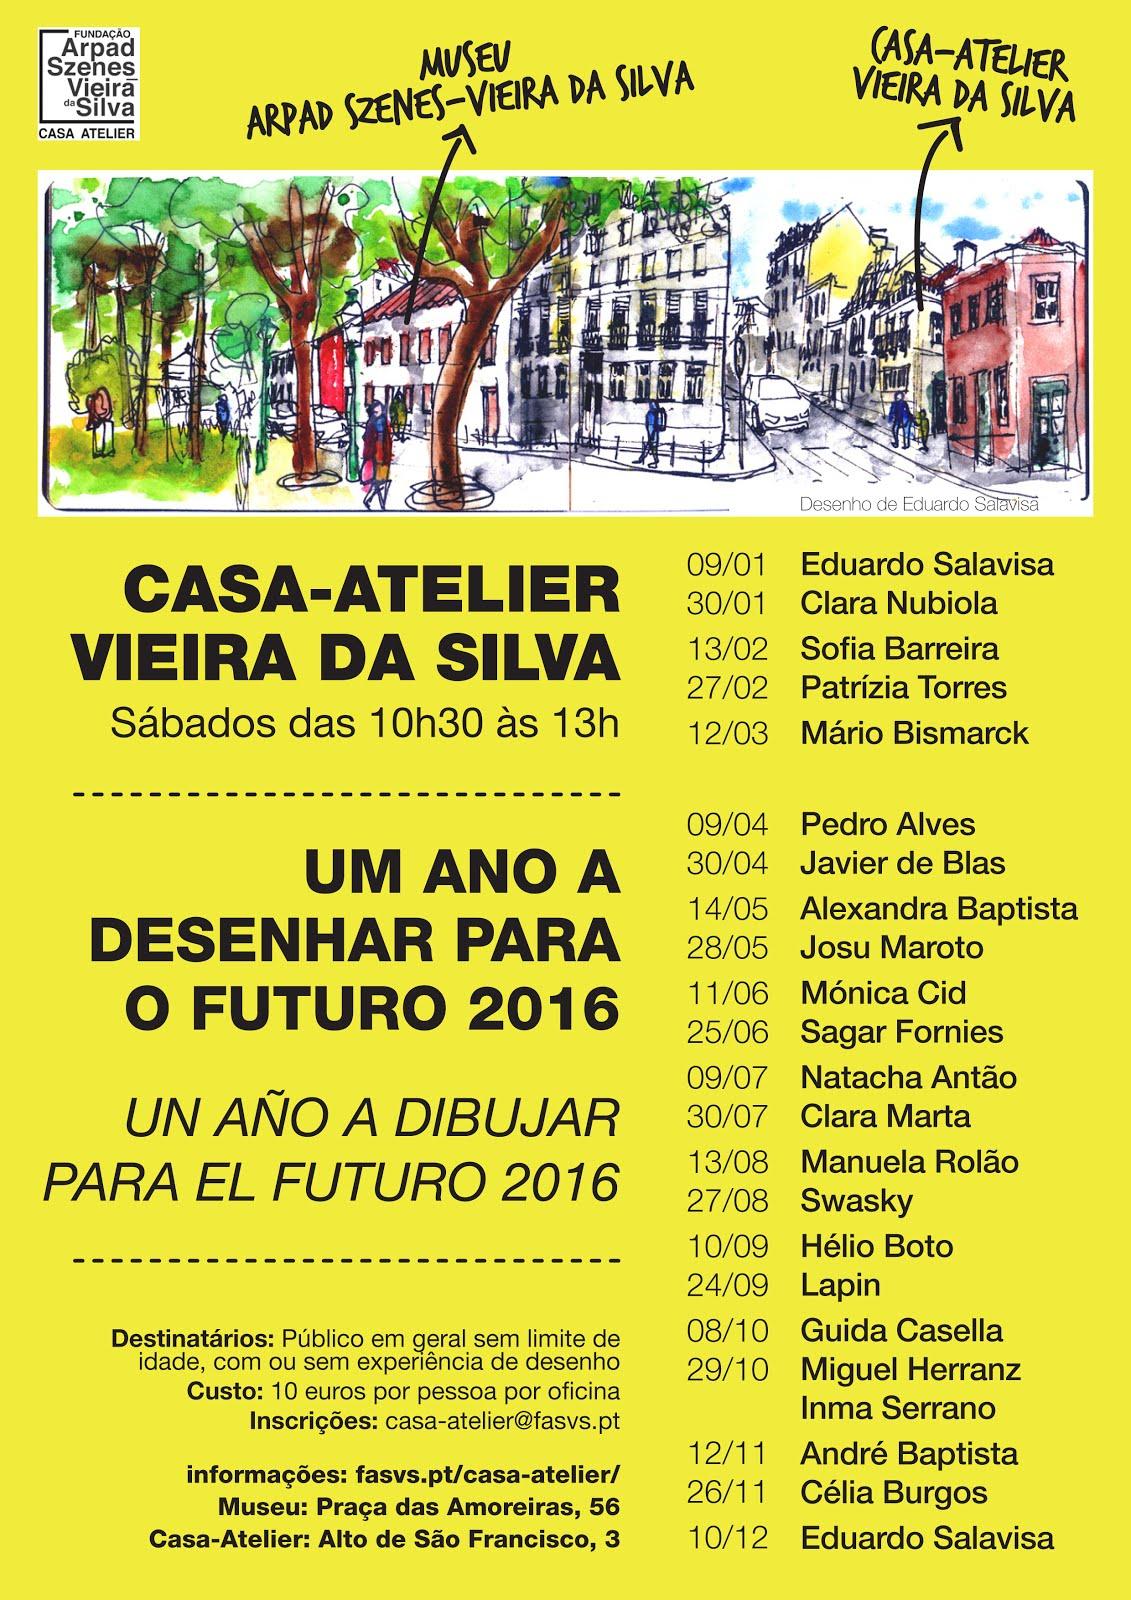 Casa-Atelier Viera da Silva